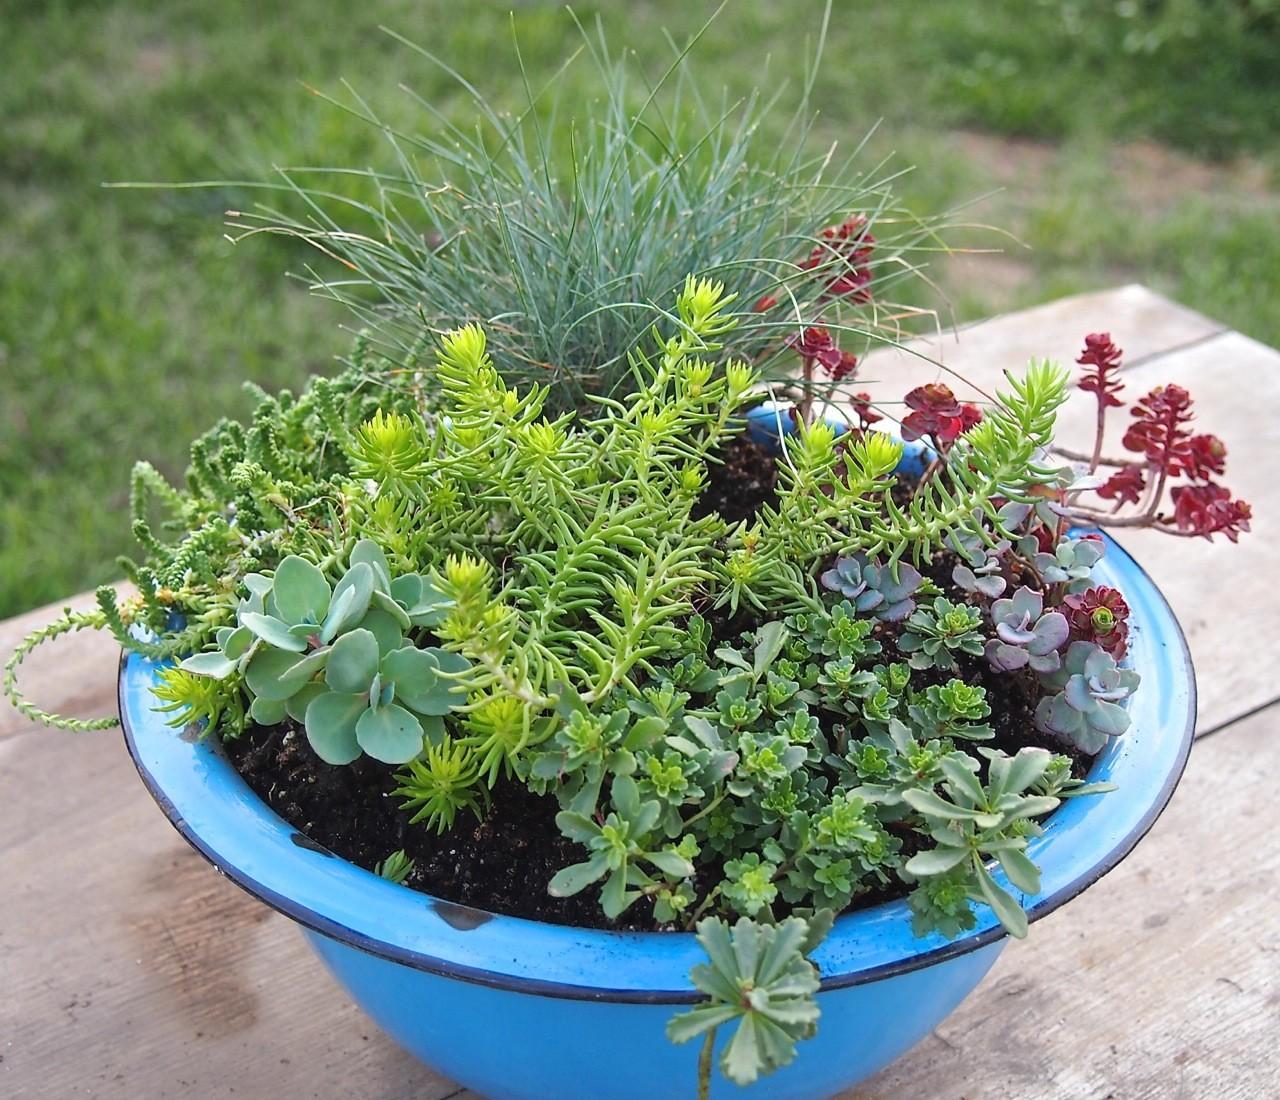 Giardini piante grasse per esterno yk35 regardsdefemmes for Alberelli da vaso per esterno